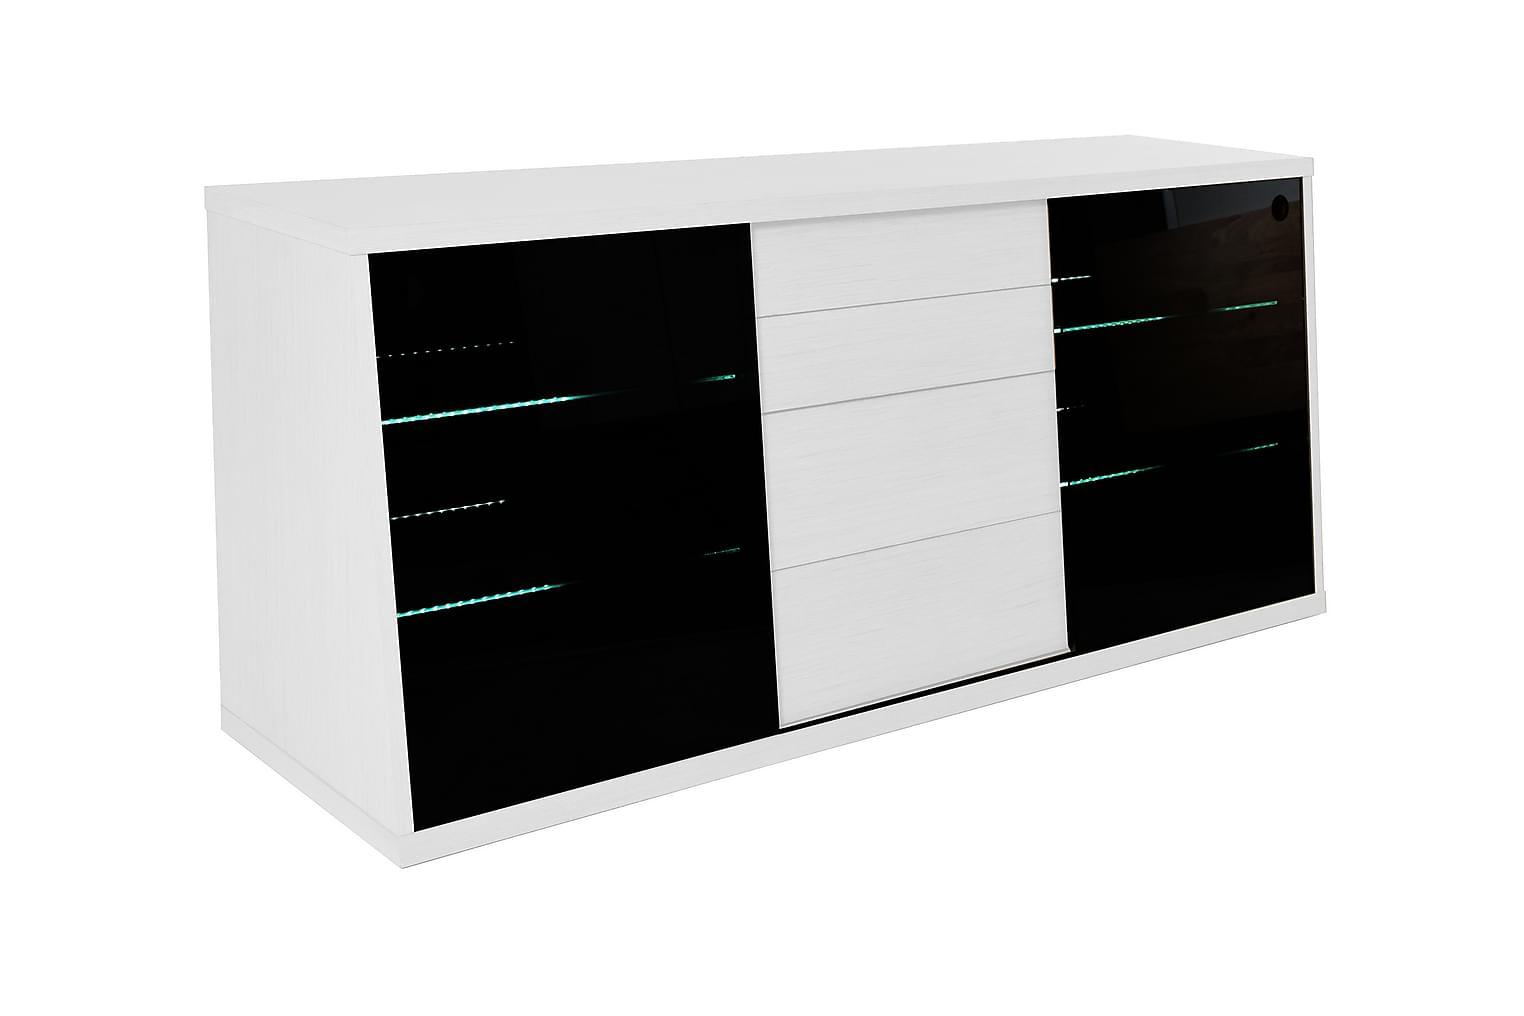 Köp FLOW Tv-bänk 150 Ekfanér Vit billigt online - Inomhus